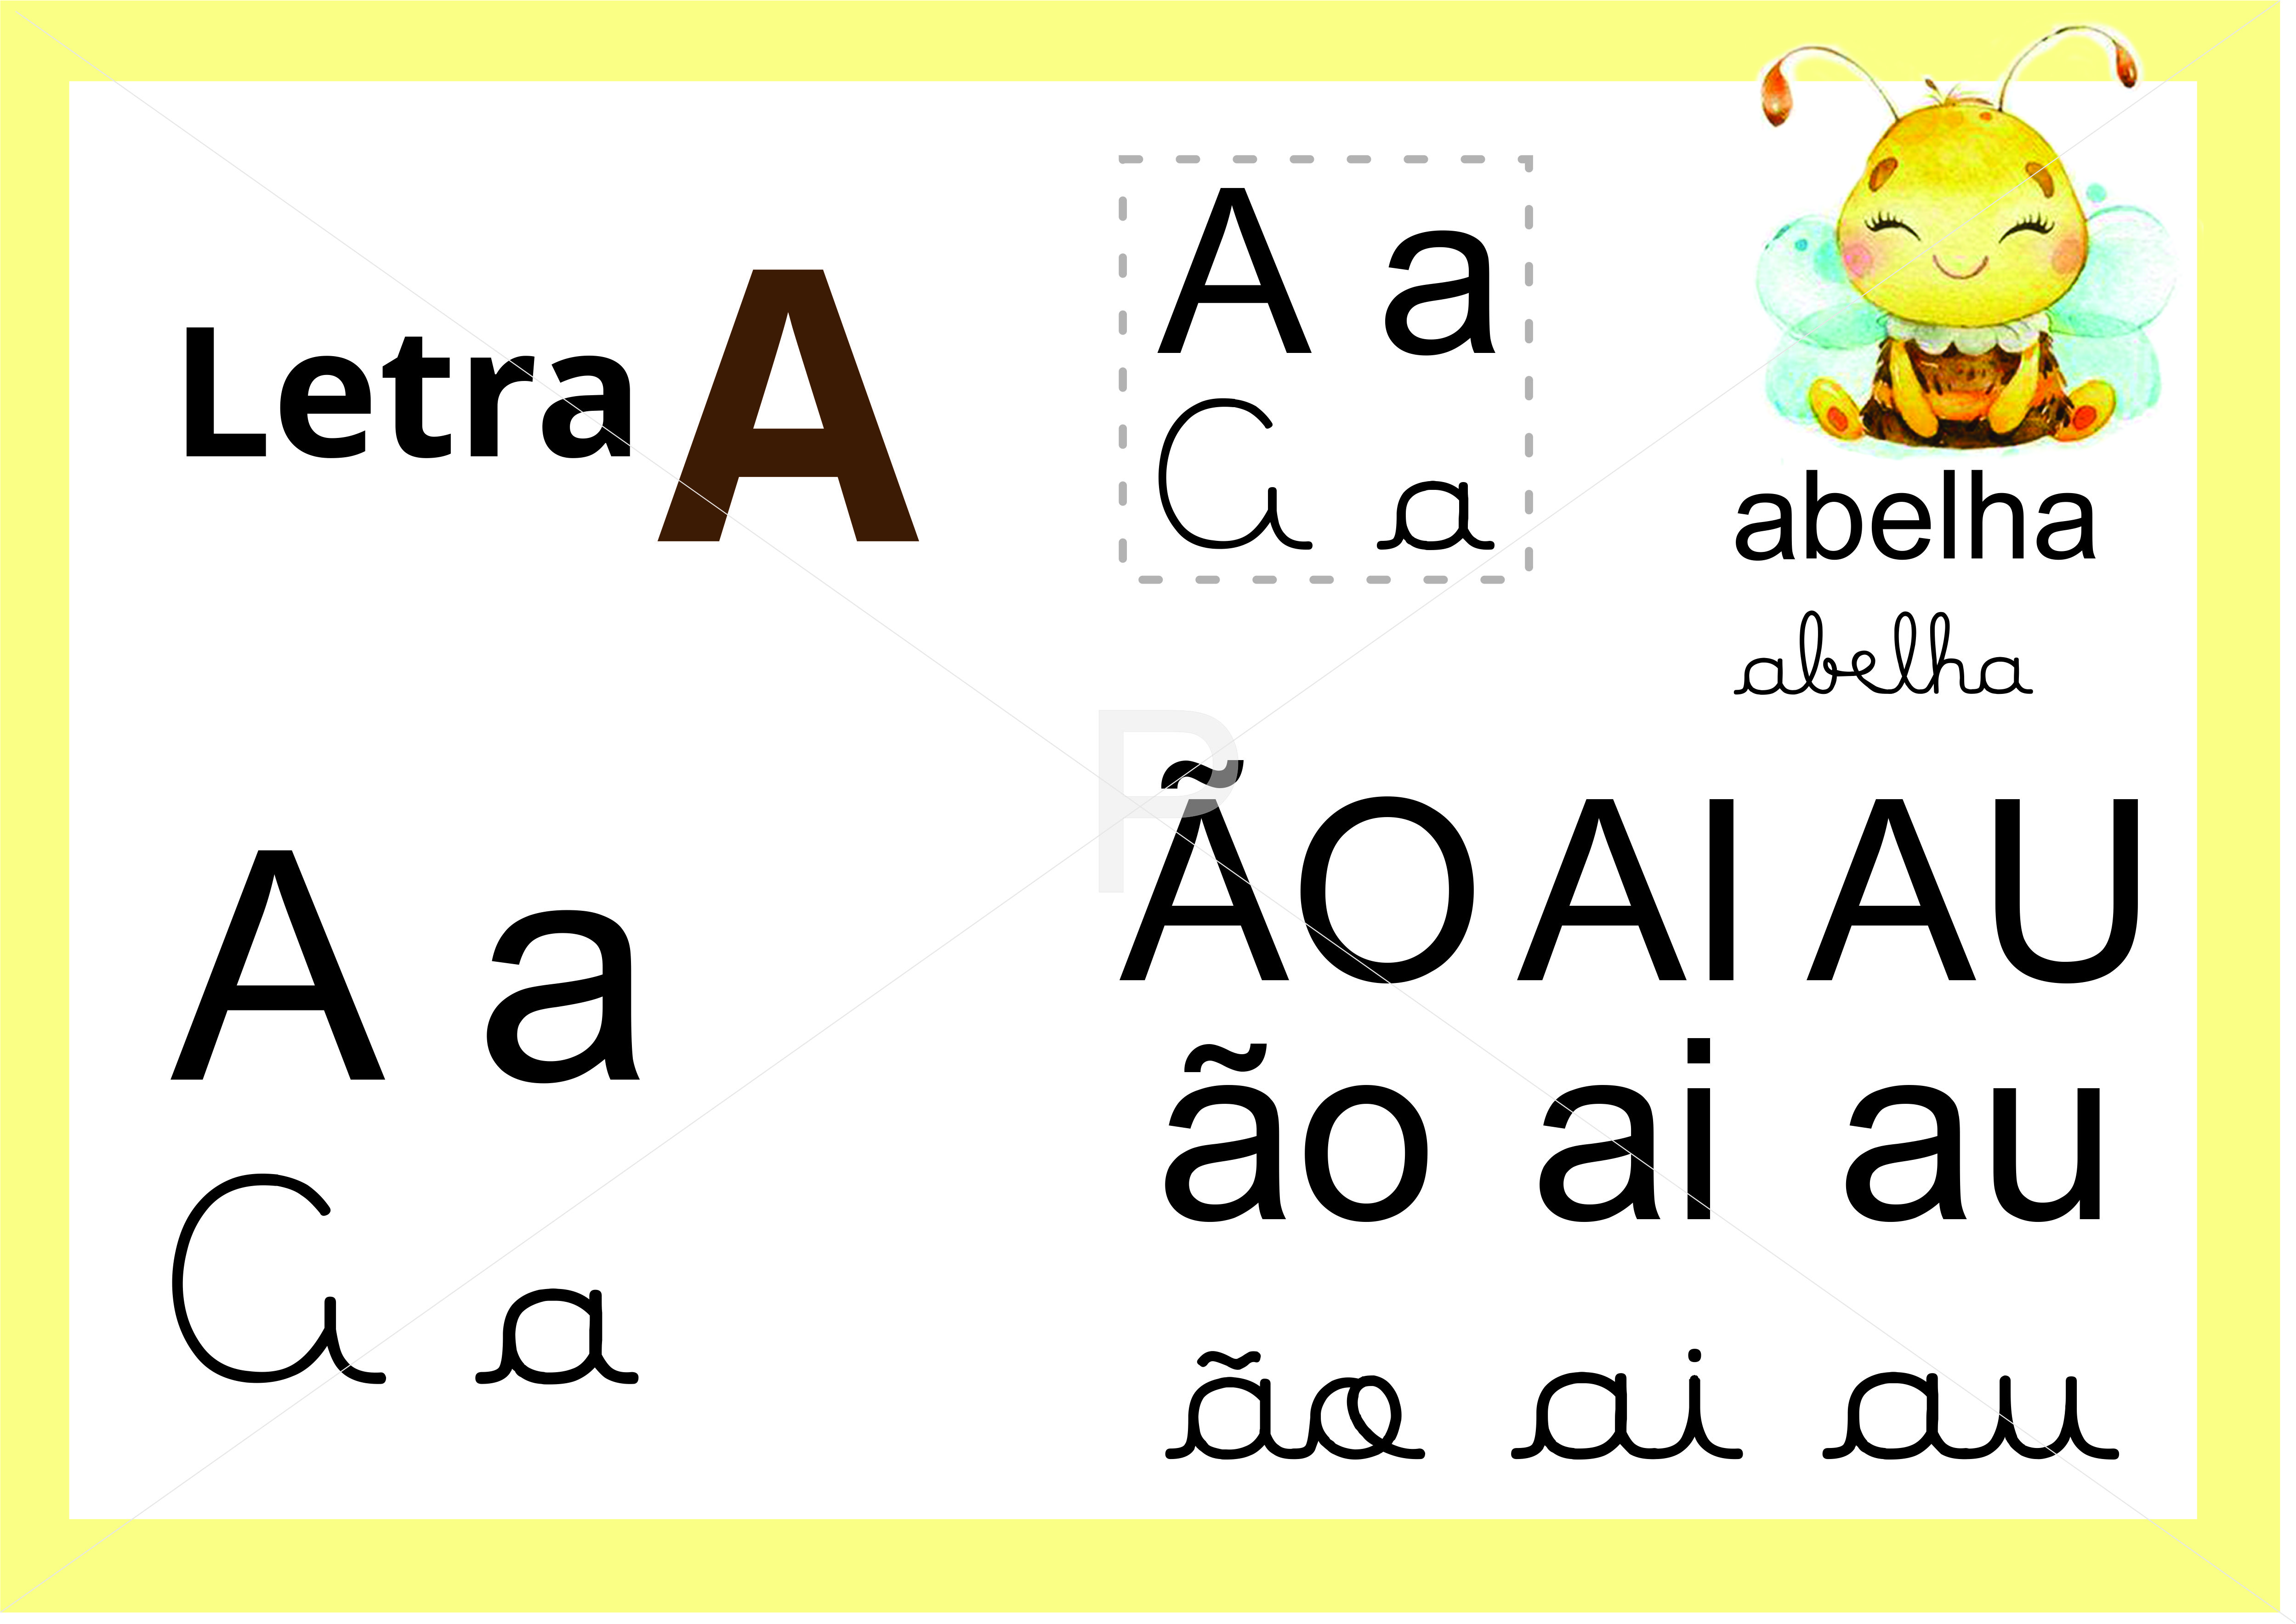 Letra A Maiusculo Minusculo Manuscrito E Caixa Alta Alfabeto